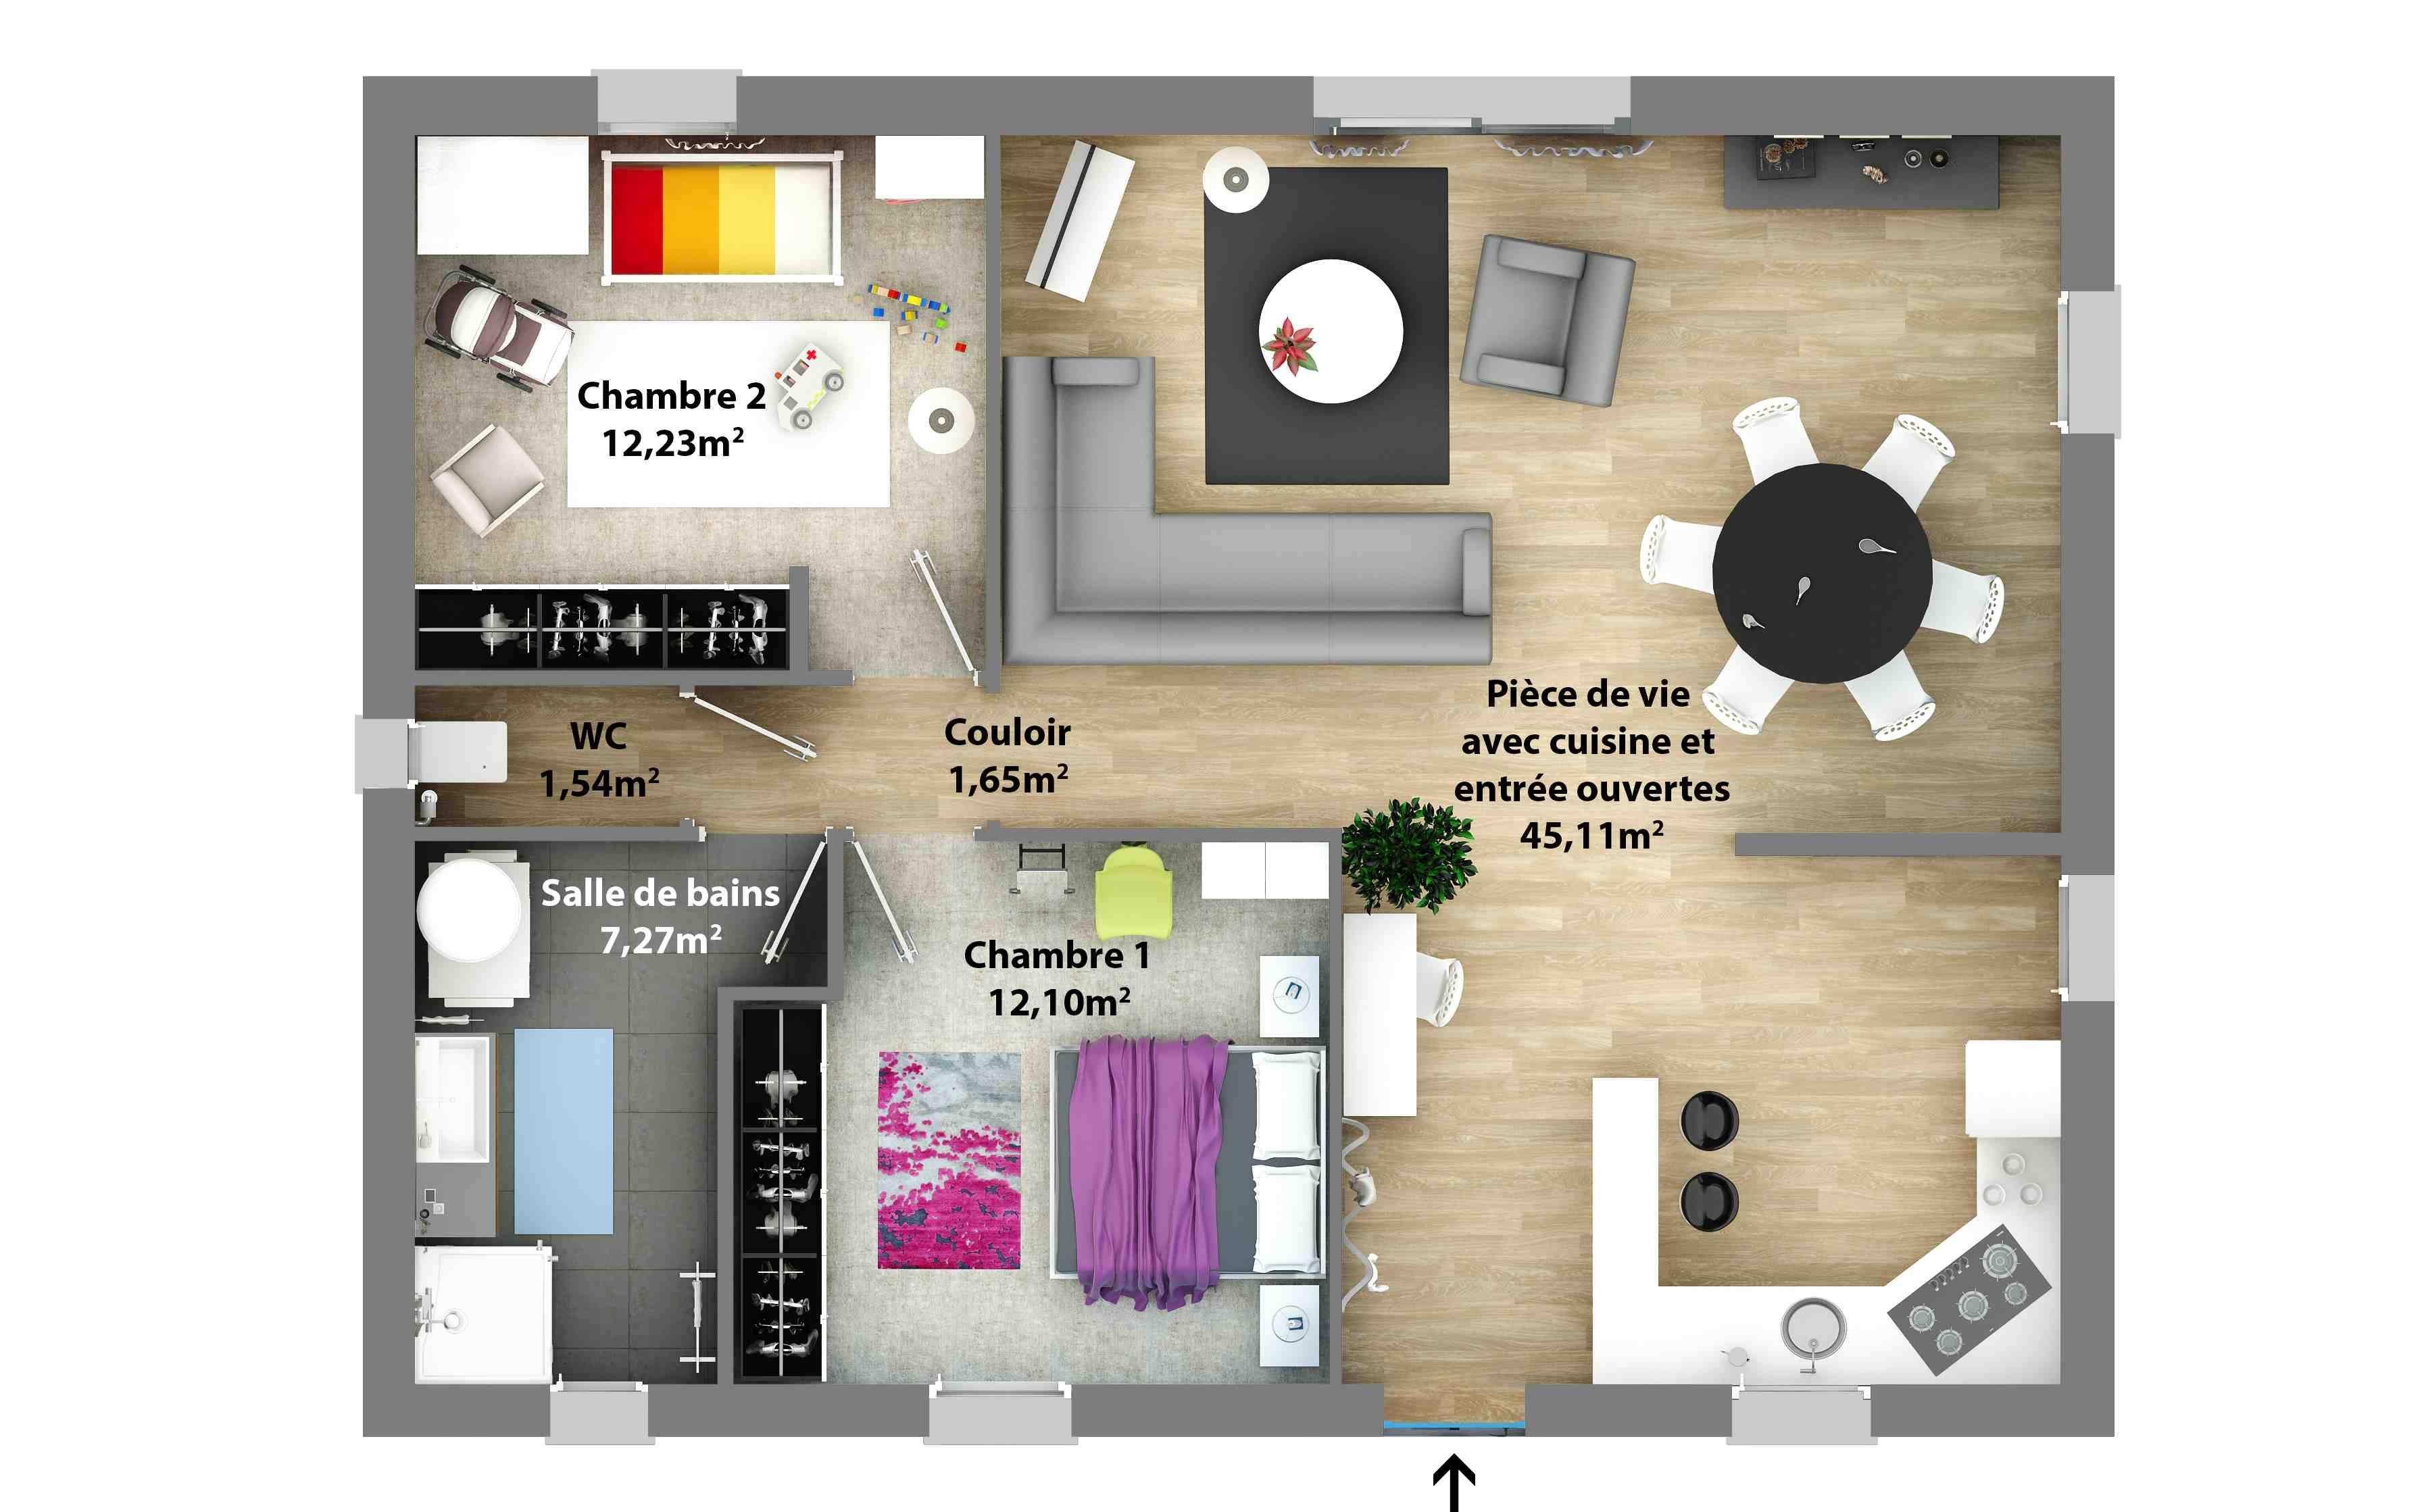 Modele De Plan De Maison Prima 2 Chambres Gamme Premiere Chez Maison Laure Www Constructeur Maison Laure Fr Plan De Maison Gratuit Plan Maison Maison